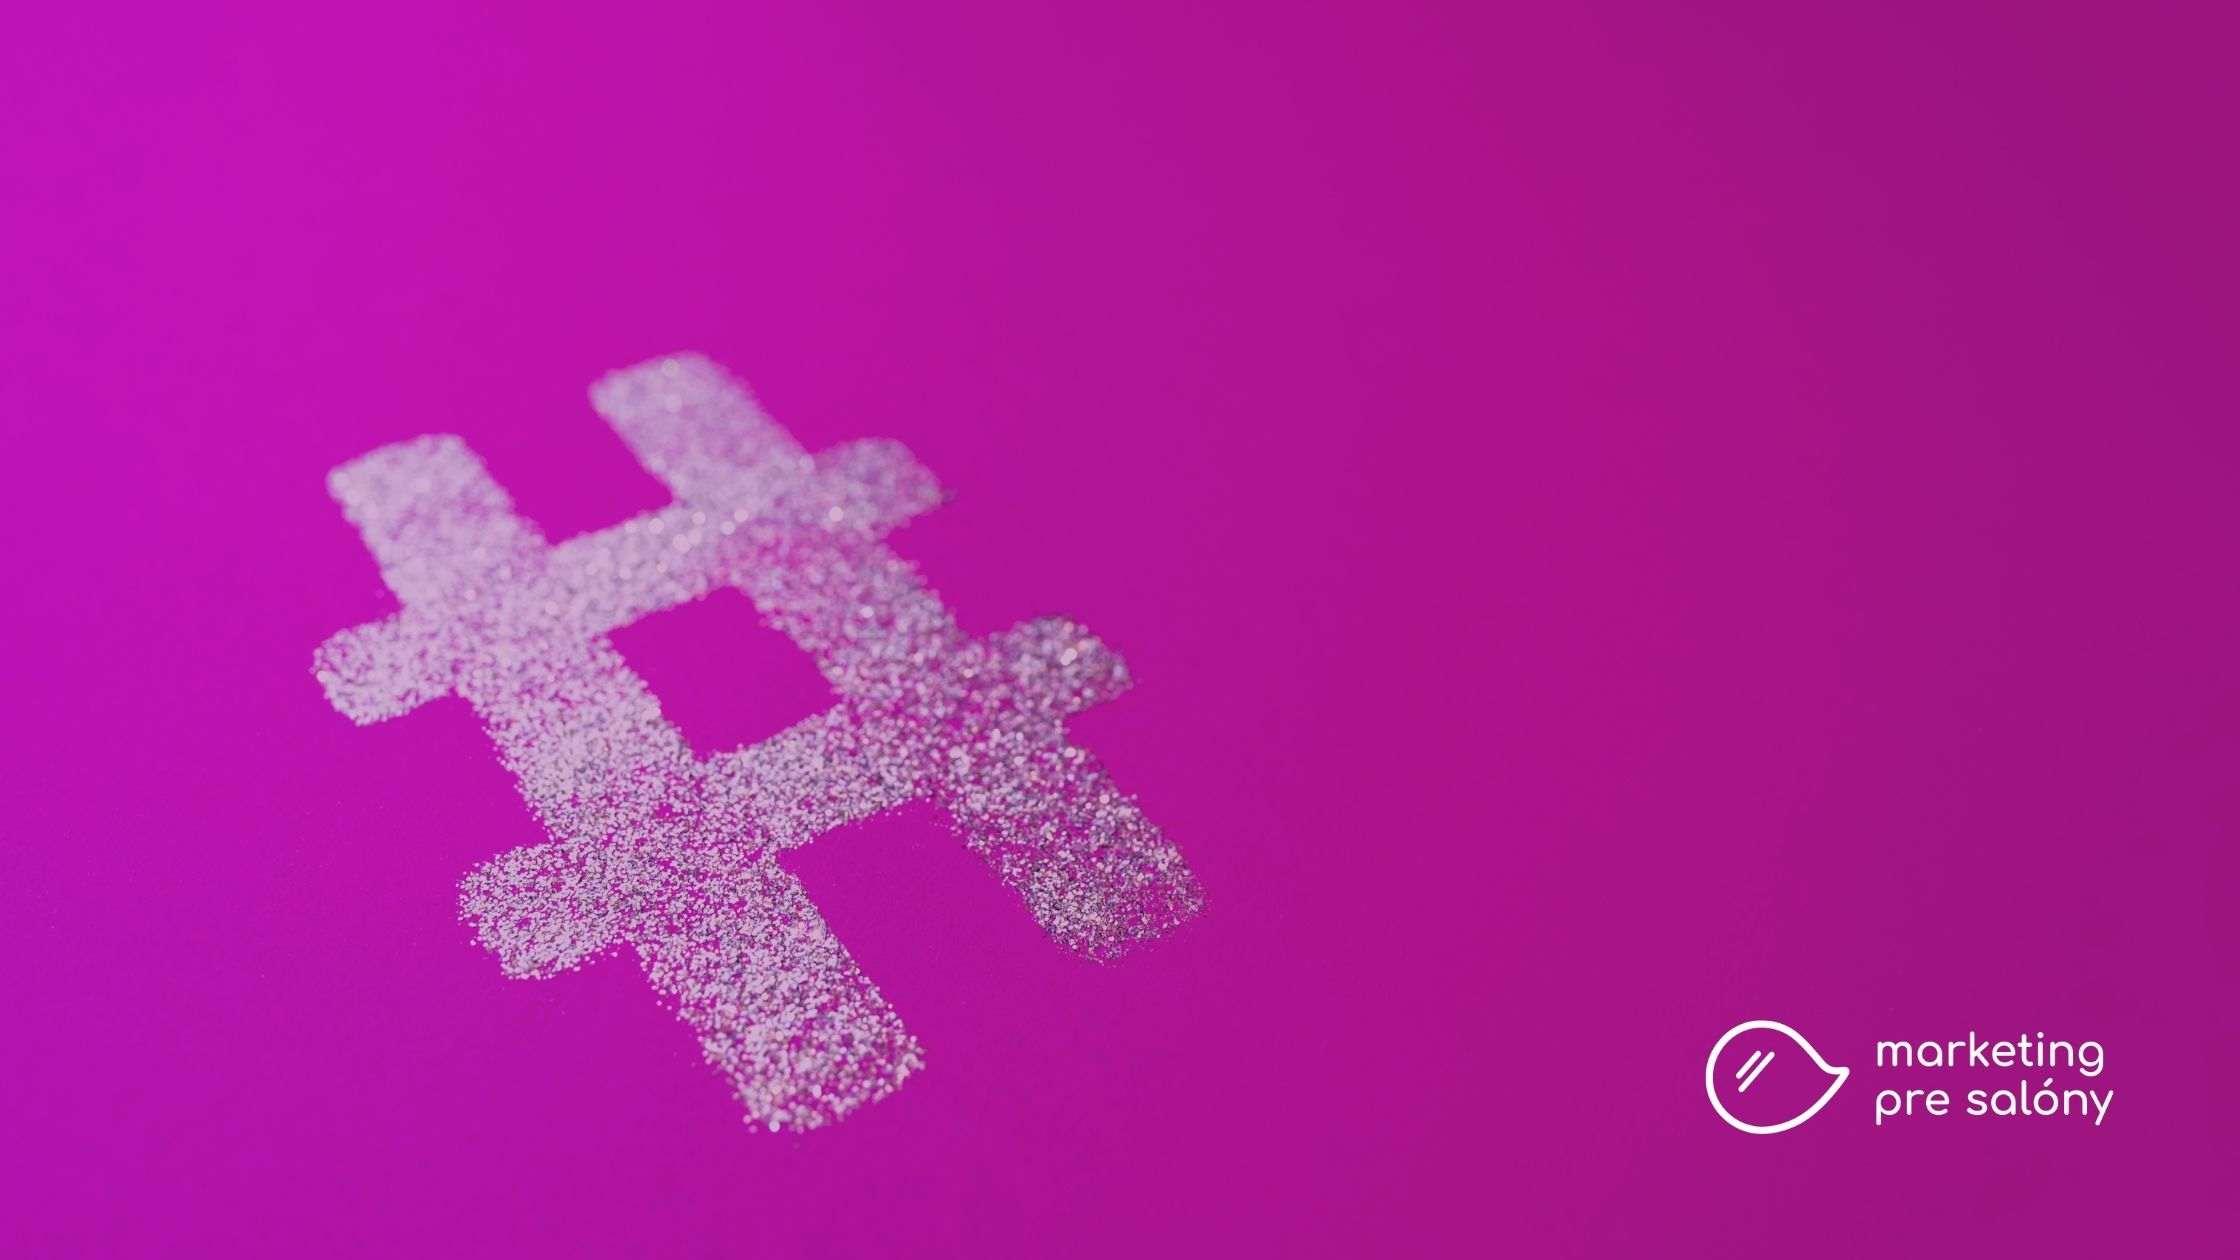 Čo je hashtag - Marketing pre salóny